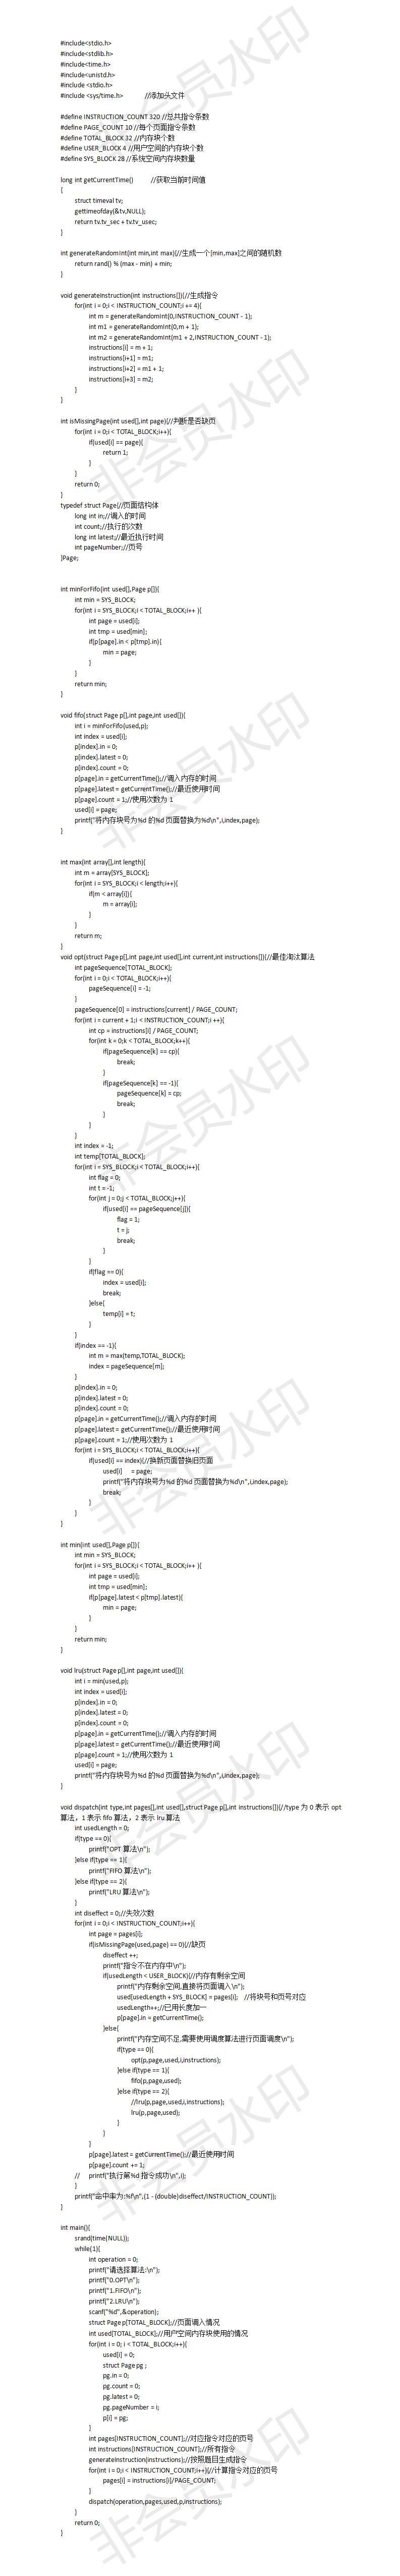 2019广州大学操作系统实验三